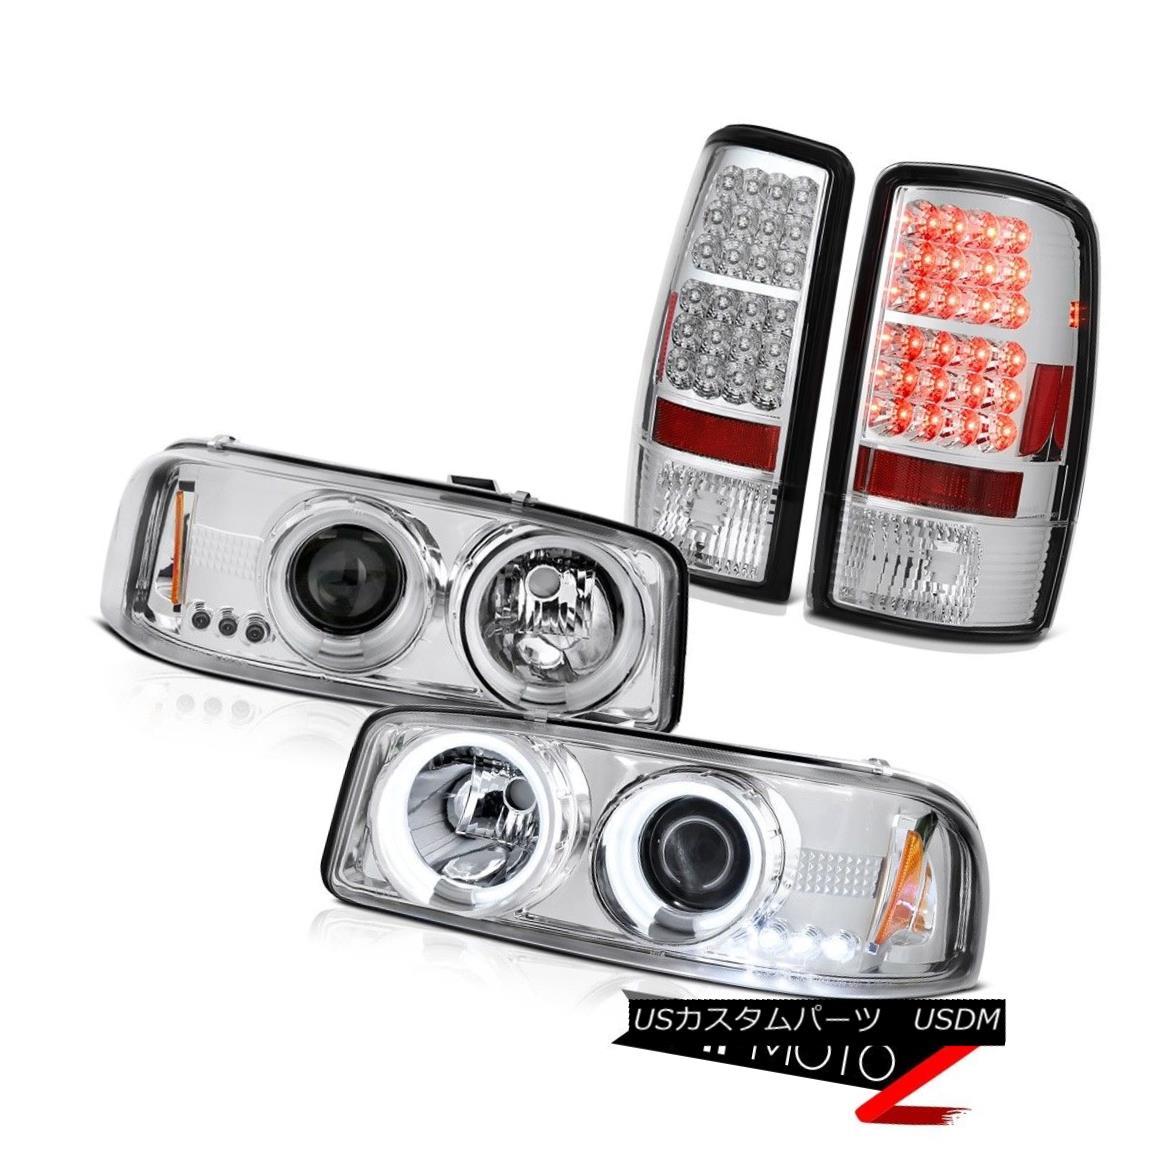 ヘッドライト 01 02 03 04 05 06 Yukon Denali Quality Headlights CCFL Halo LED Brake Tail Light 01 02 03 04 05 06ユーコンデナリクオリティヘッドライトCCFL Halo LEDブレーキテールライト